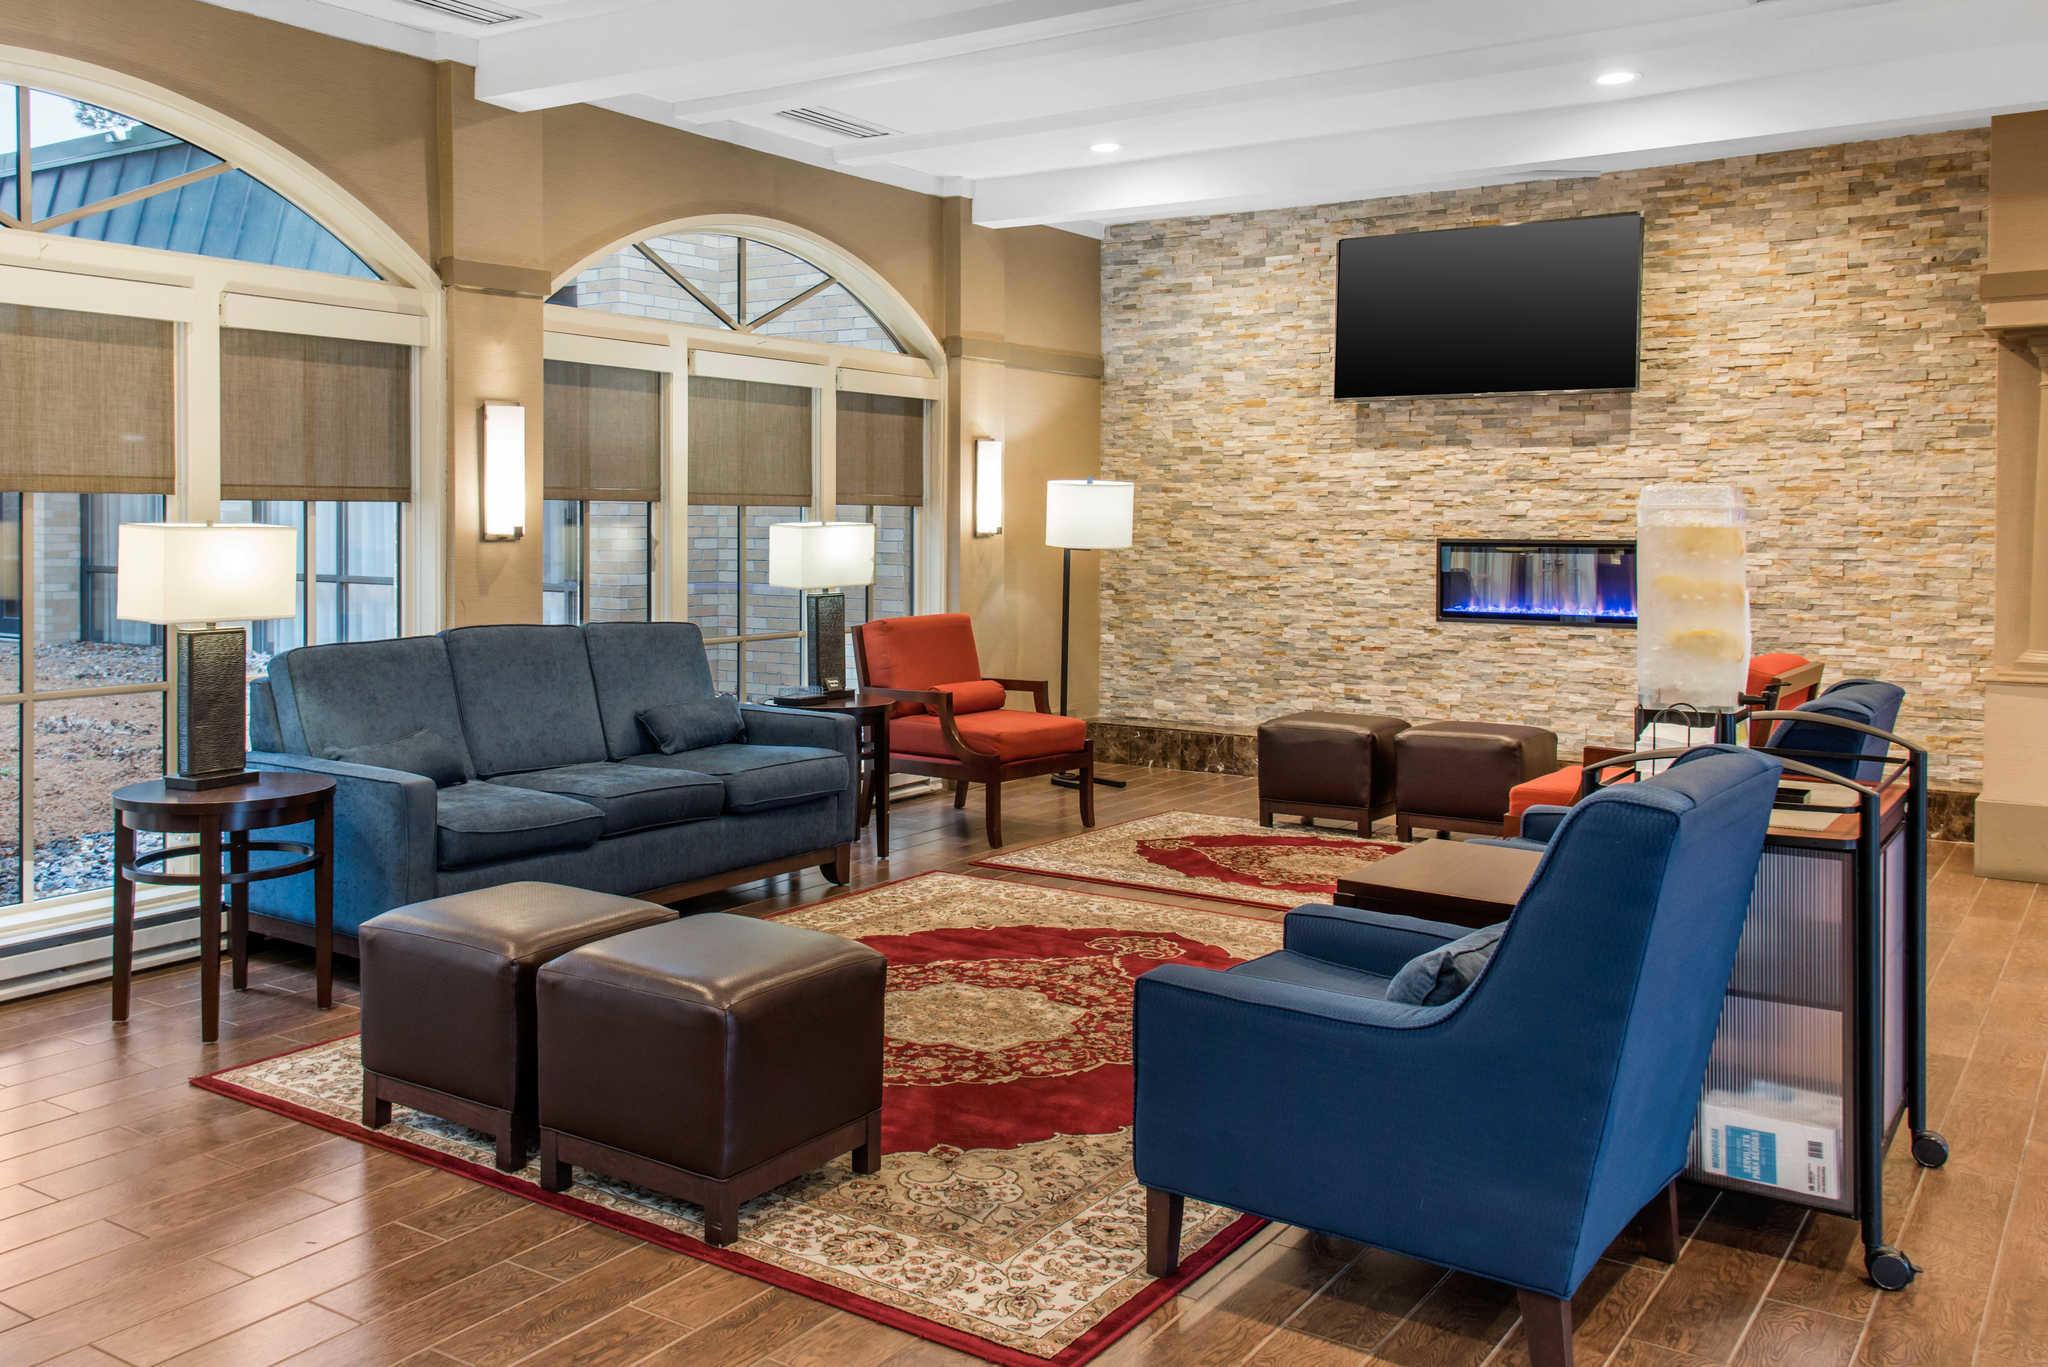 Comfort Inn Airport image 3